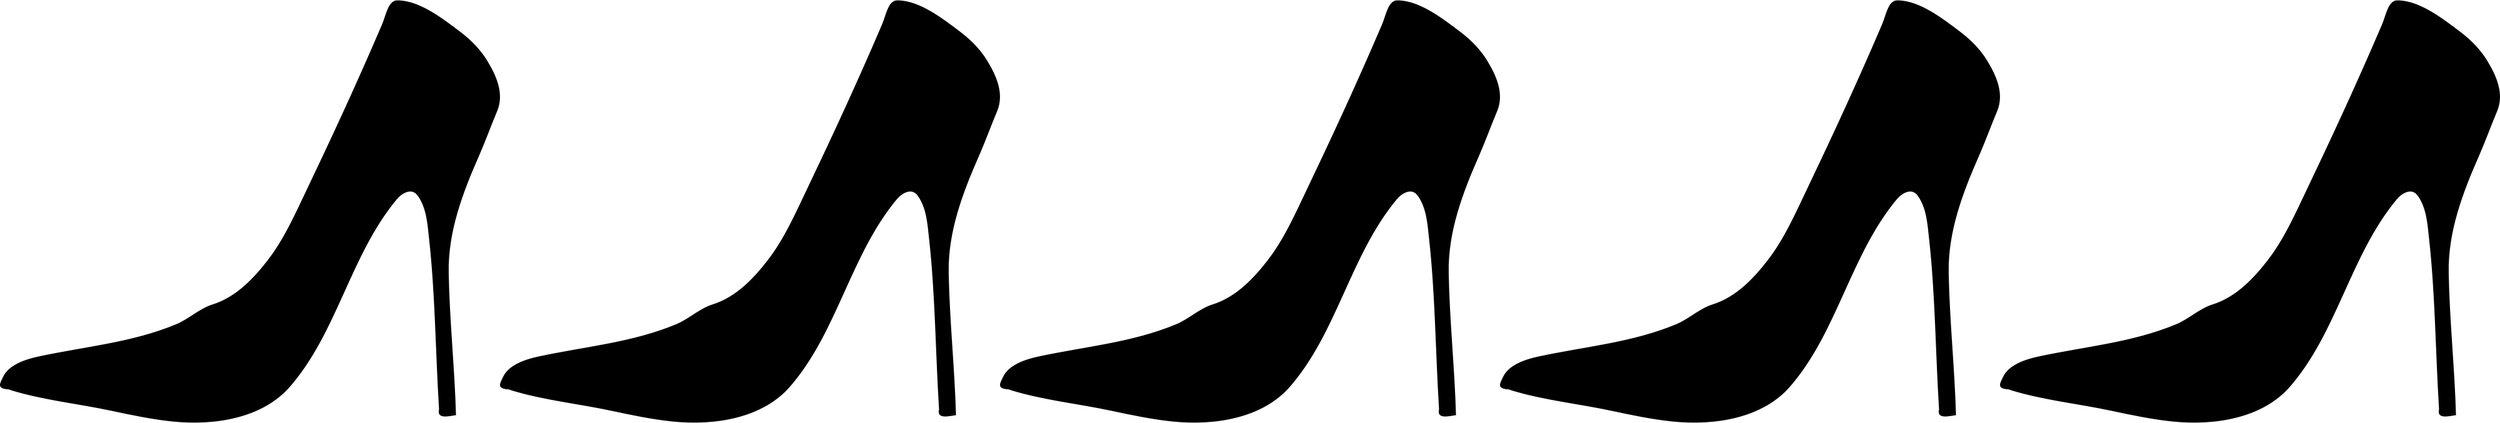 Five_Heels[1].jpg